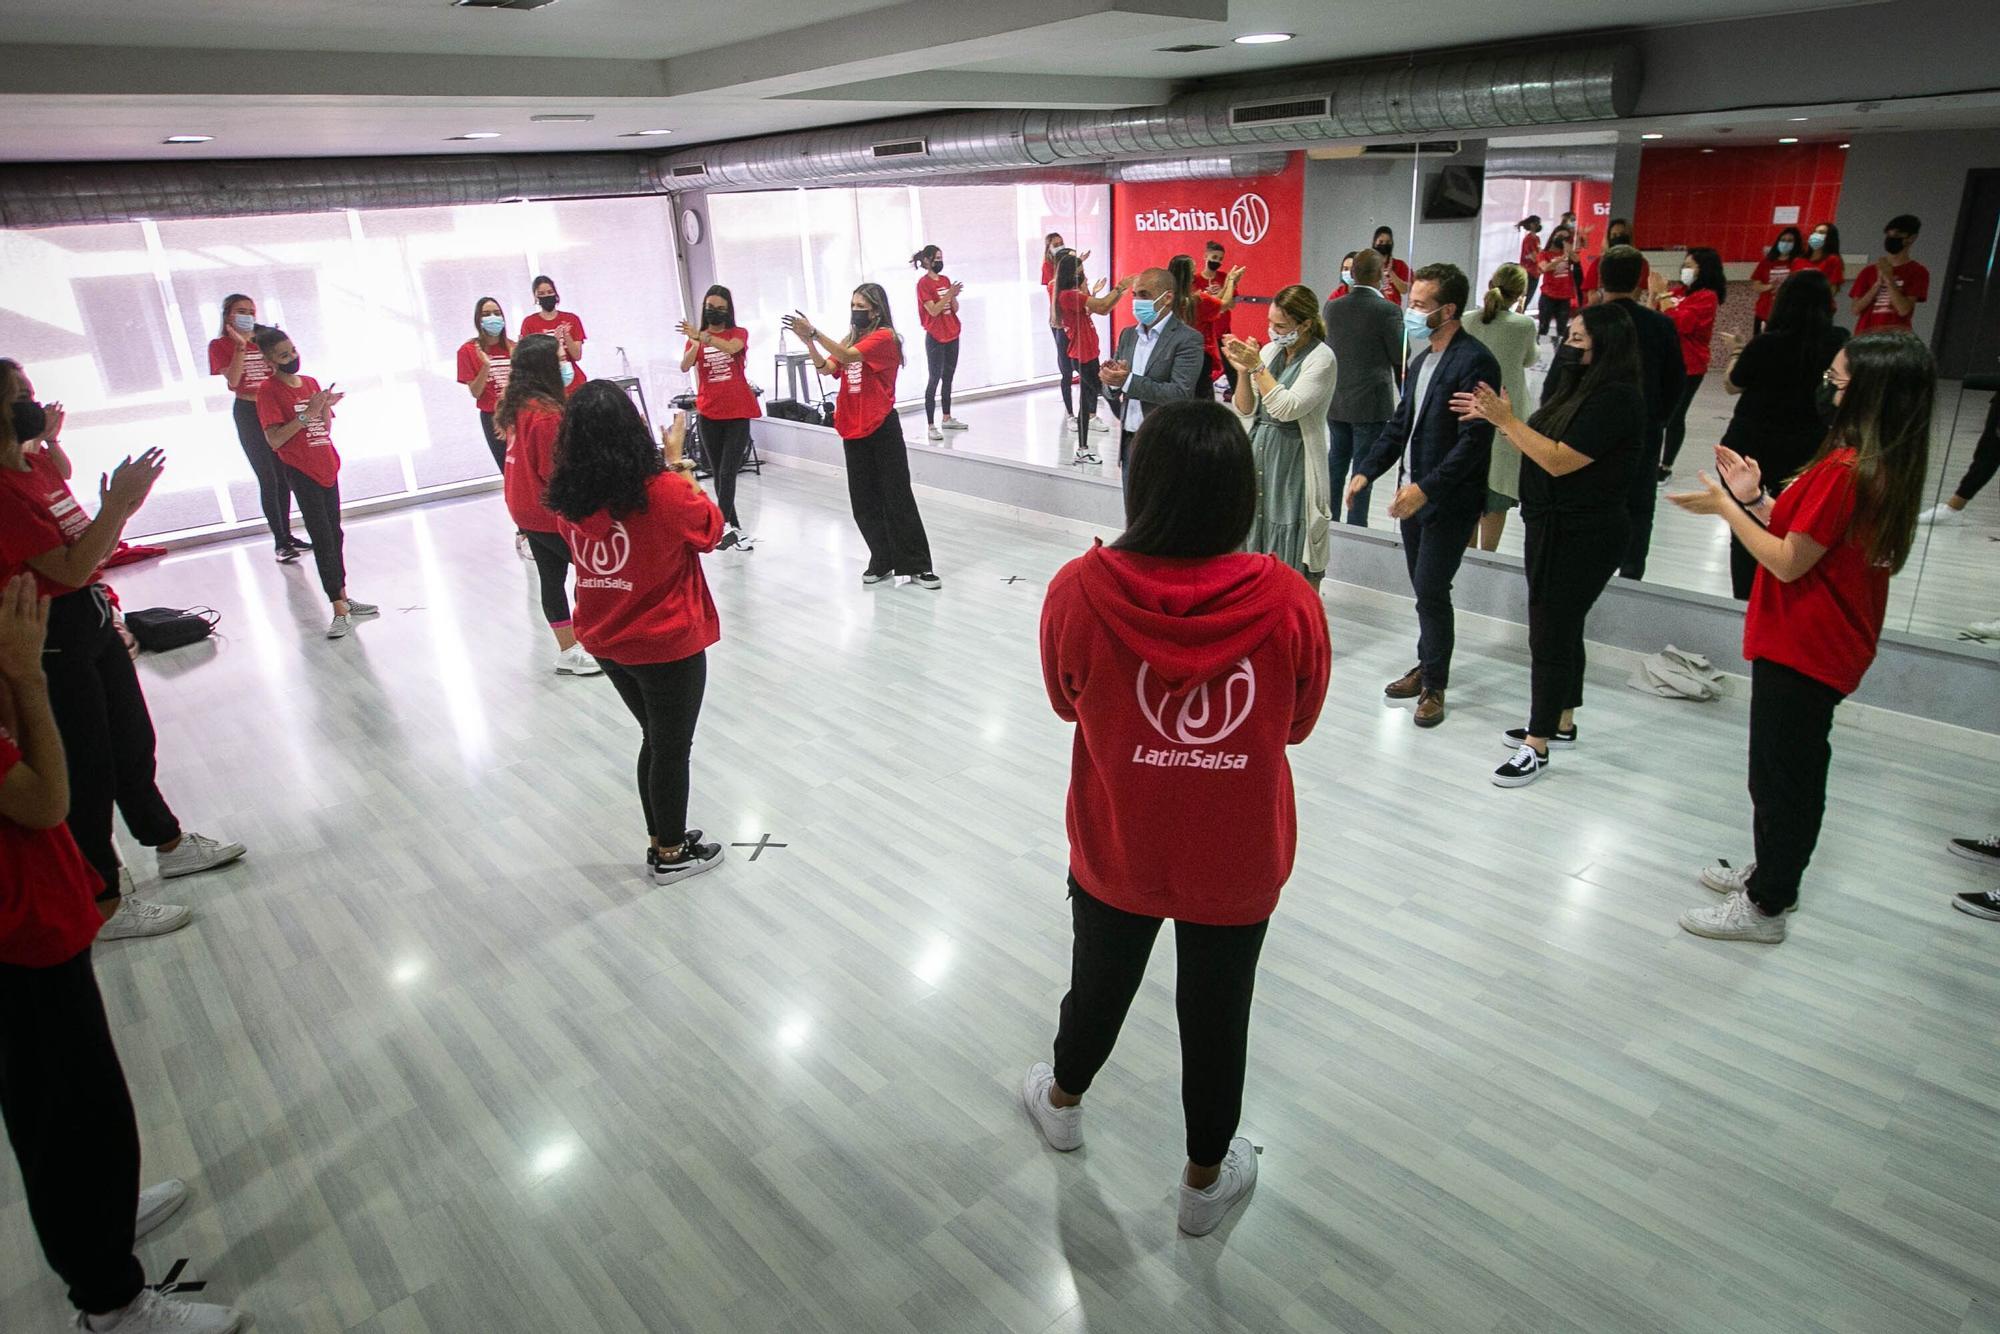 Visita a los ganadores de tres copas de oro en la Competición Mundial de All Dance